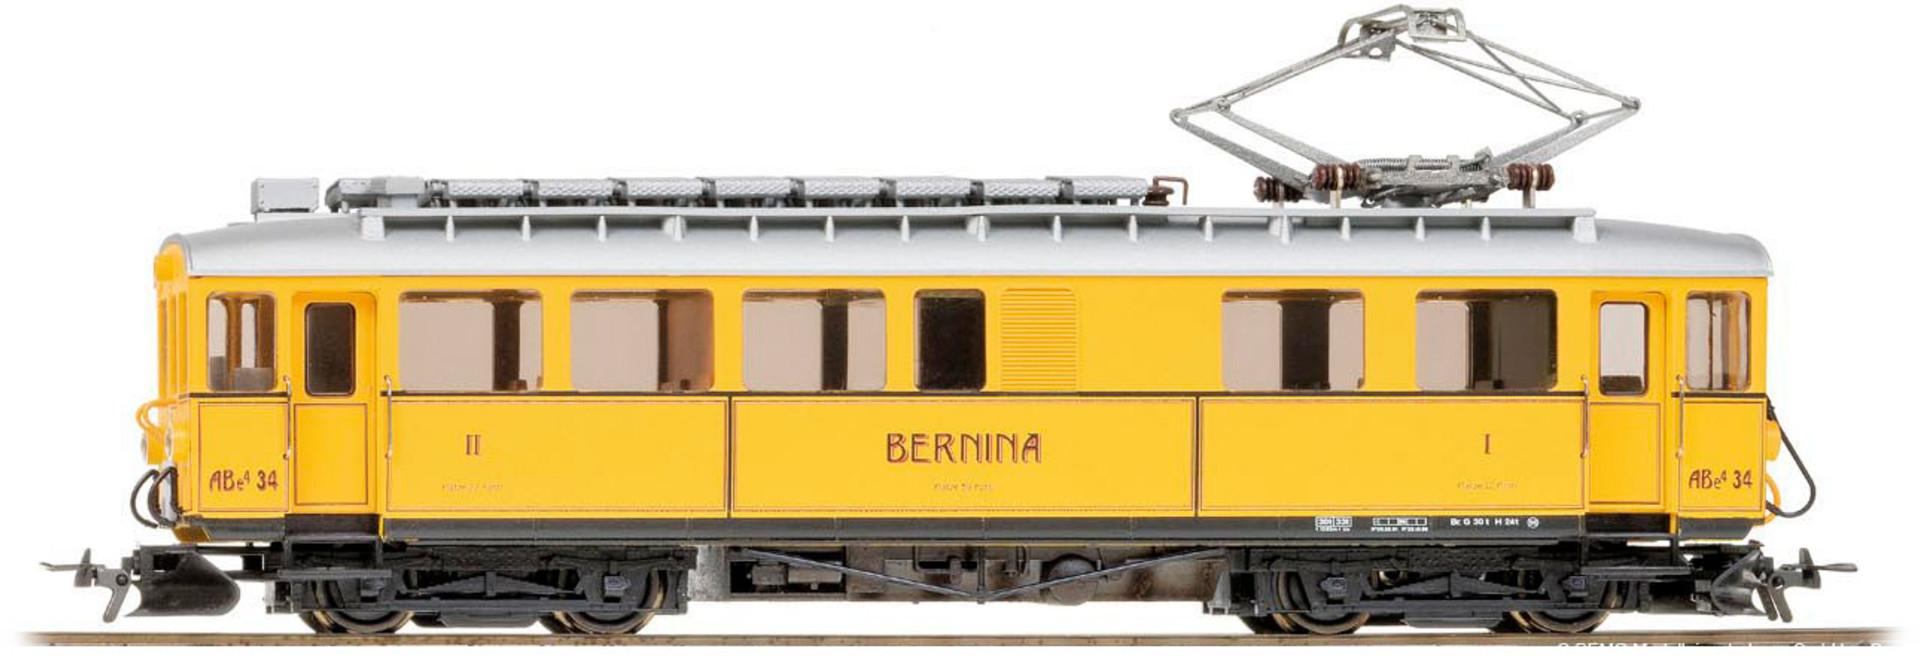 1268164 RhB ABe 4/4 34 Nostalgietriebwagen gelb